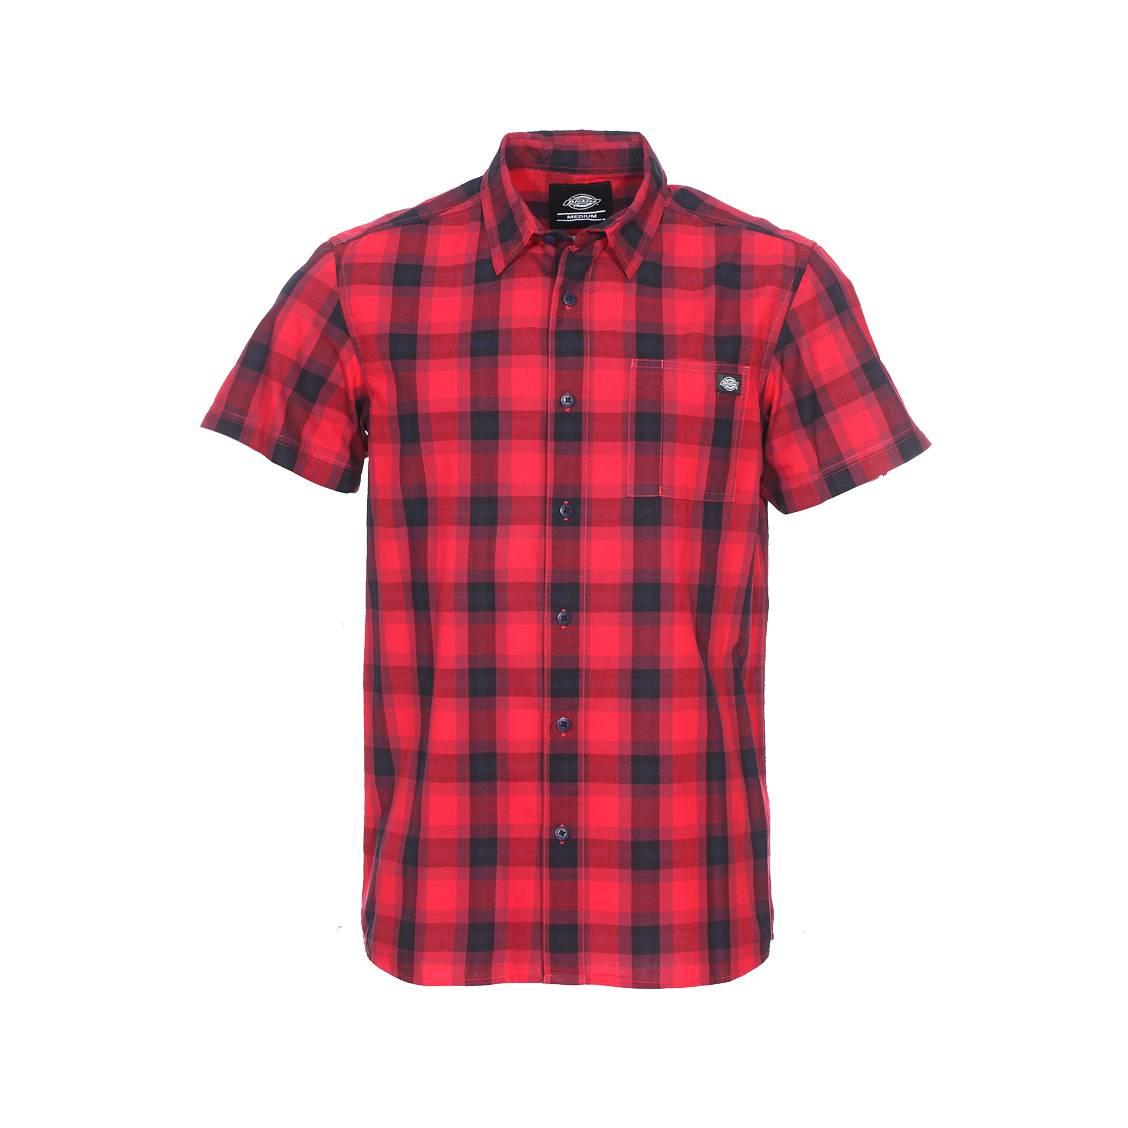 Chemise manches courtes Dickies Bryson en coton à carreaux rouges et bleu  marine ...